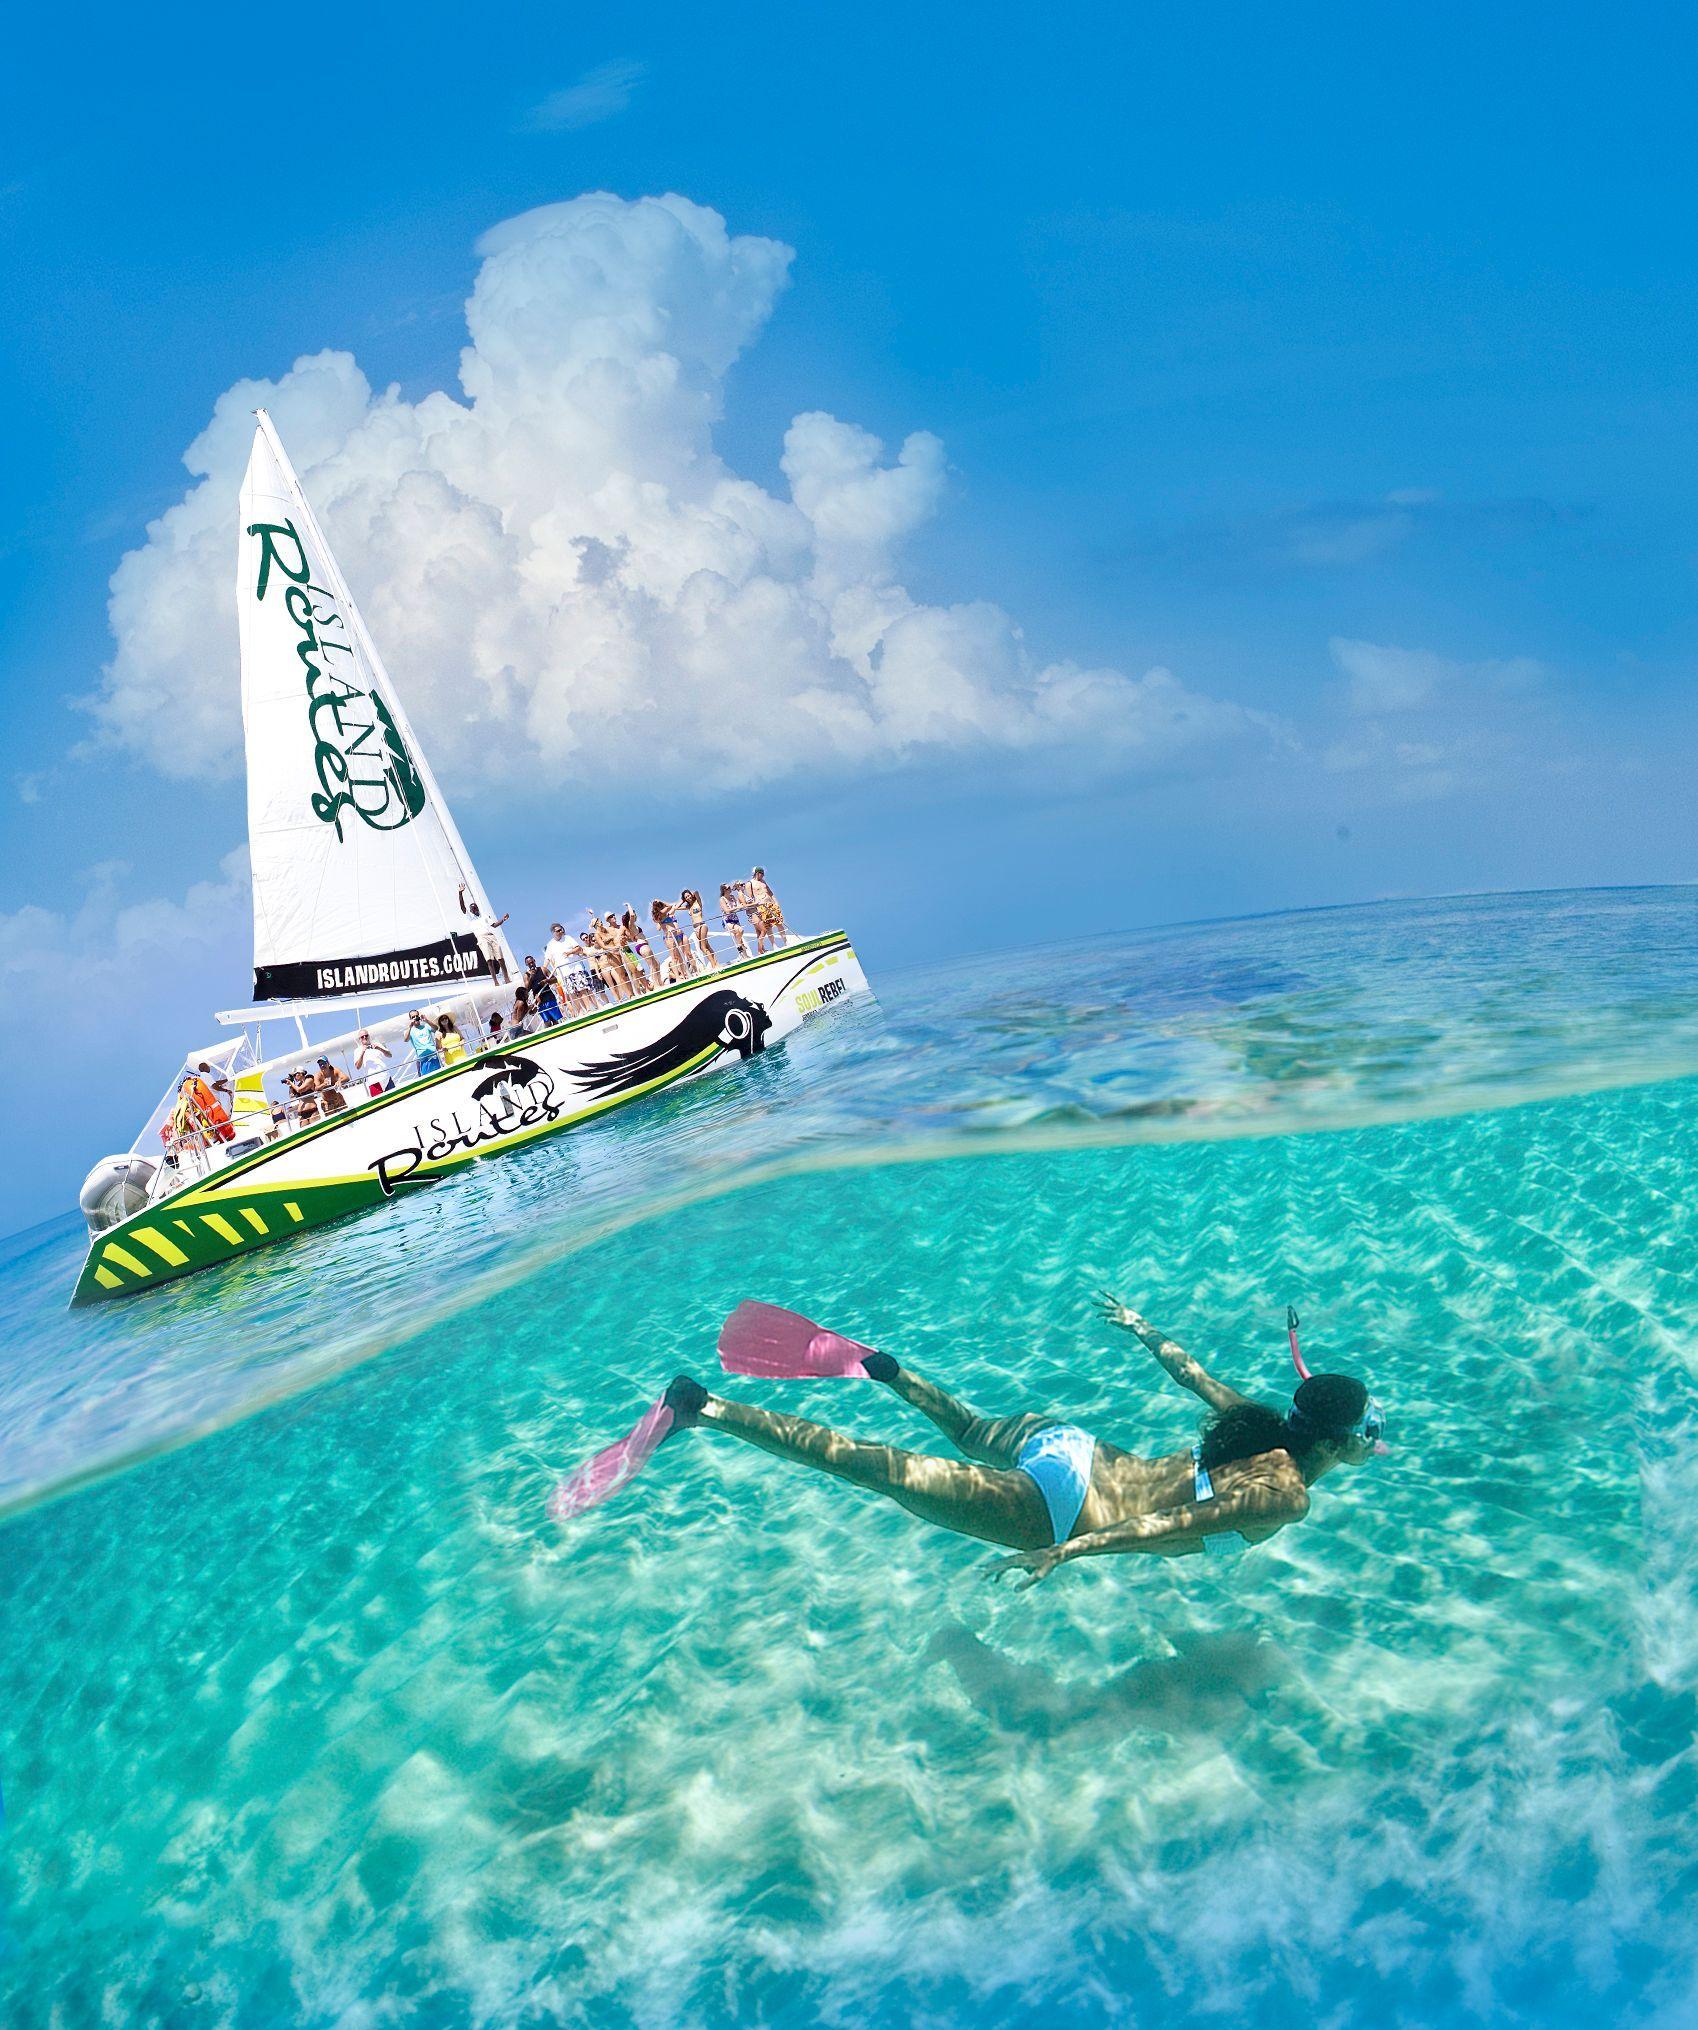 Schnorchler Unterwasser. Island Routes Katamaran mit Gästen im Hintergrund.